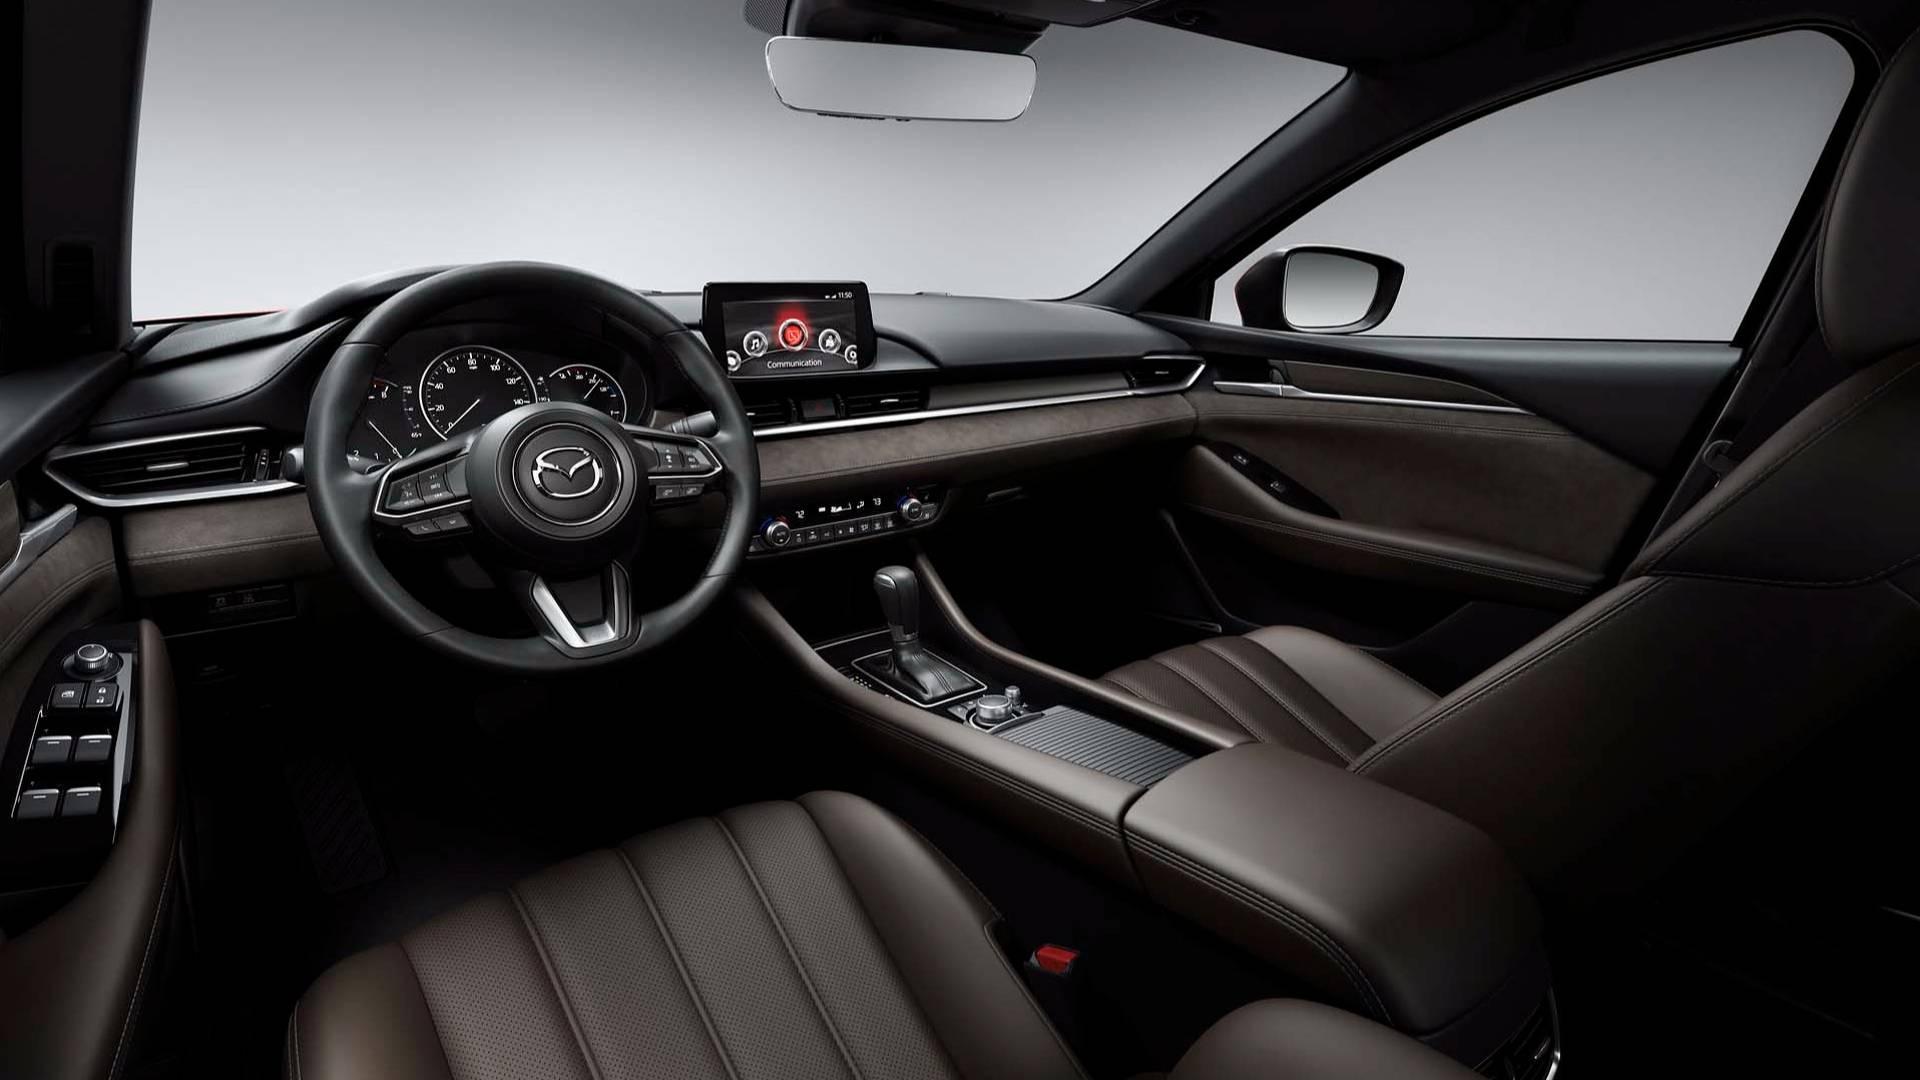 Nuevo Mazda 6 2018 >> Mazda 6 2018: un escalón más hacia el lujo   SoyMotor.com